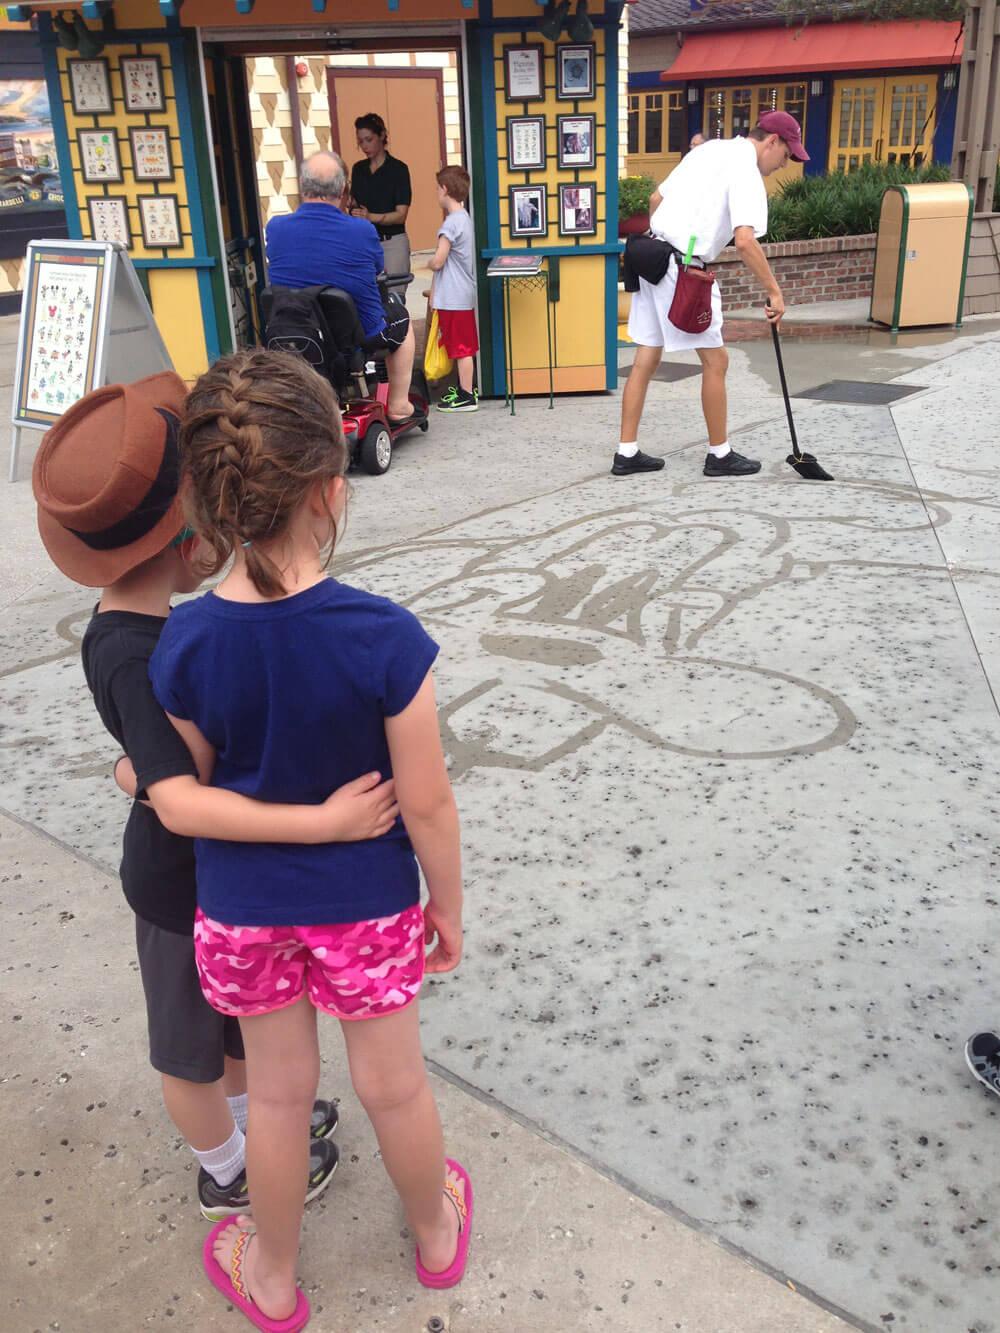 Downtown Disney art